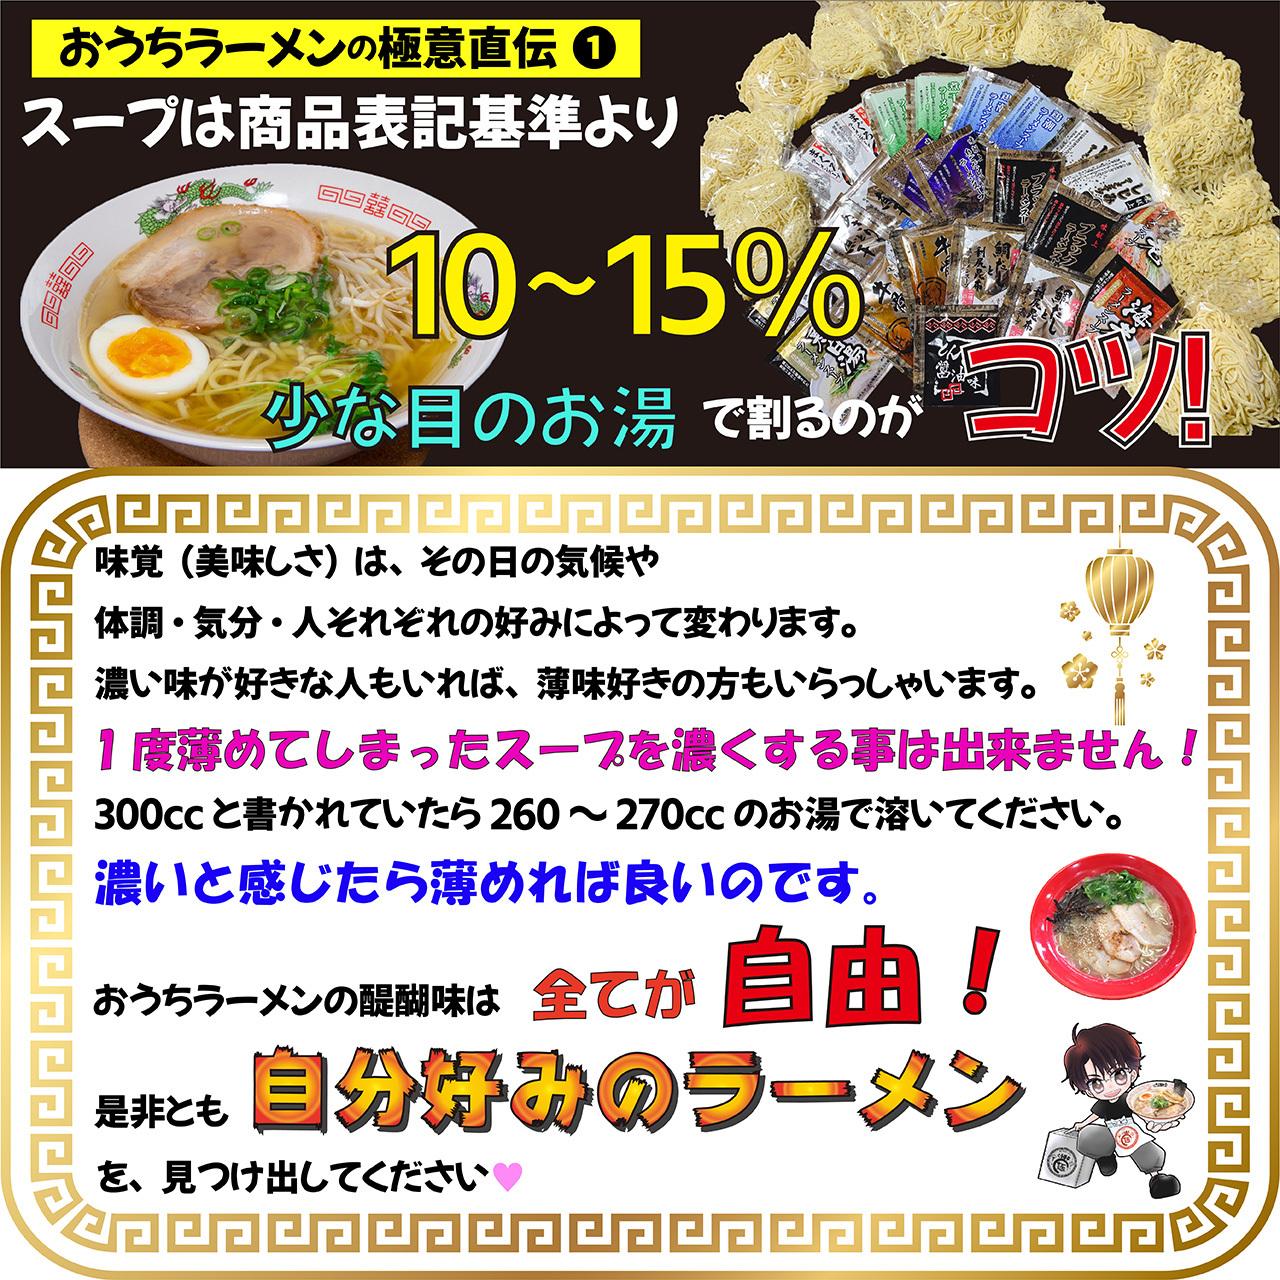 牛骨ラーメン 鳥取 絶品 お取り寄せ 通販 送料無料 お得 4食セット 常温保存 生麺 110gx4 スープ付 ぐる麺亭 choice